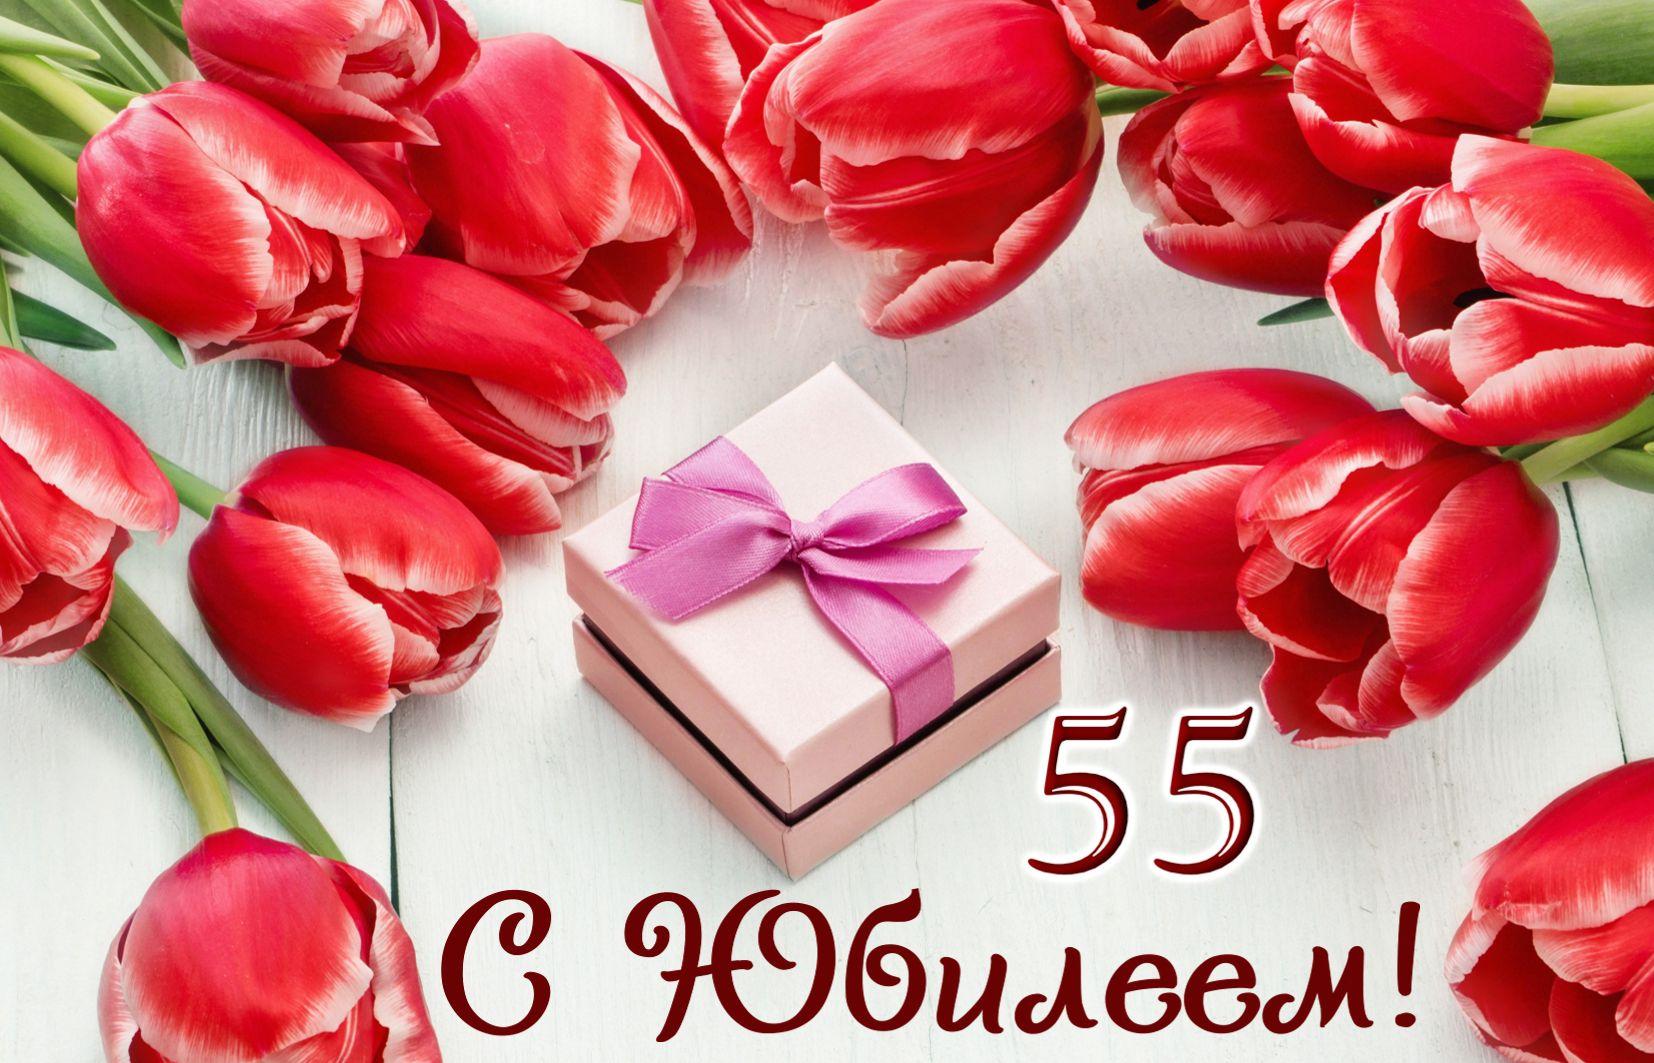 Открытка на 55 лет - тюльпаны и подарок с ленточкой на юбилей